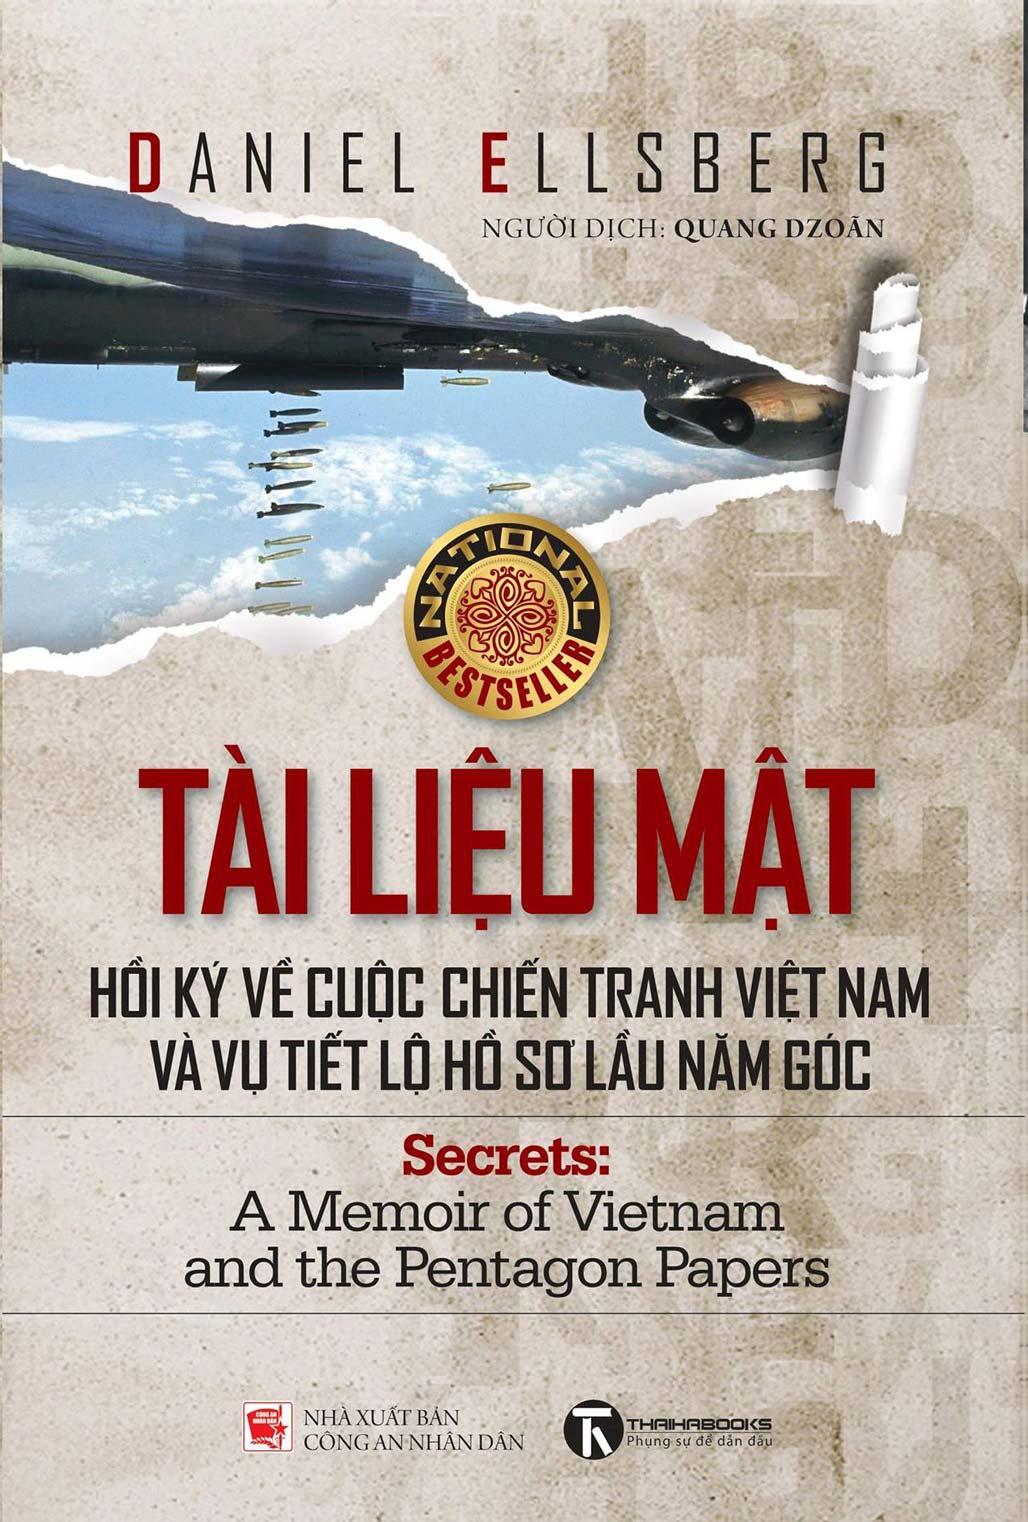 Tài Liệu Mật: Hồi Ký Về Cuộc Chiến Tranh Việt Nam Và Vụ Tiết Lộ Hồ Sơ Lầu Năm Góc - EBOOK/PDF/PRC/EPUB